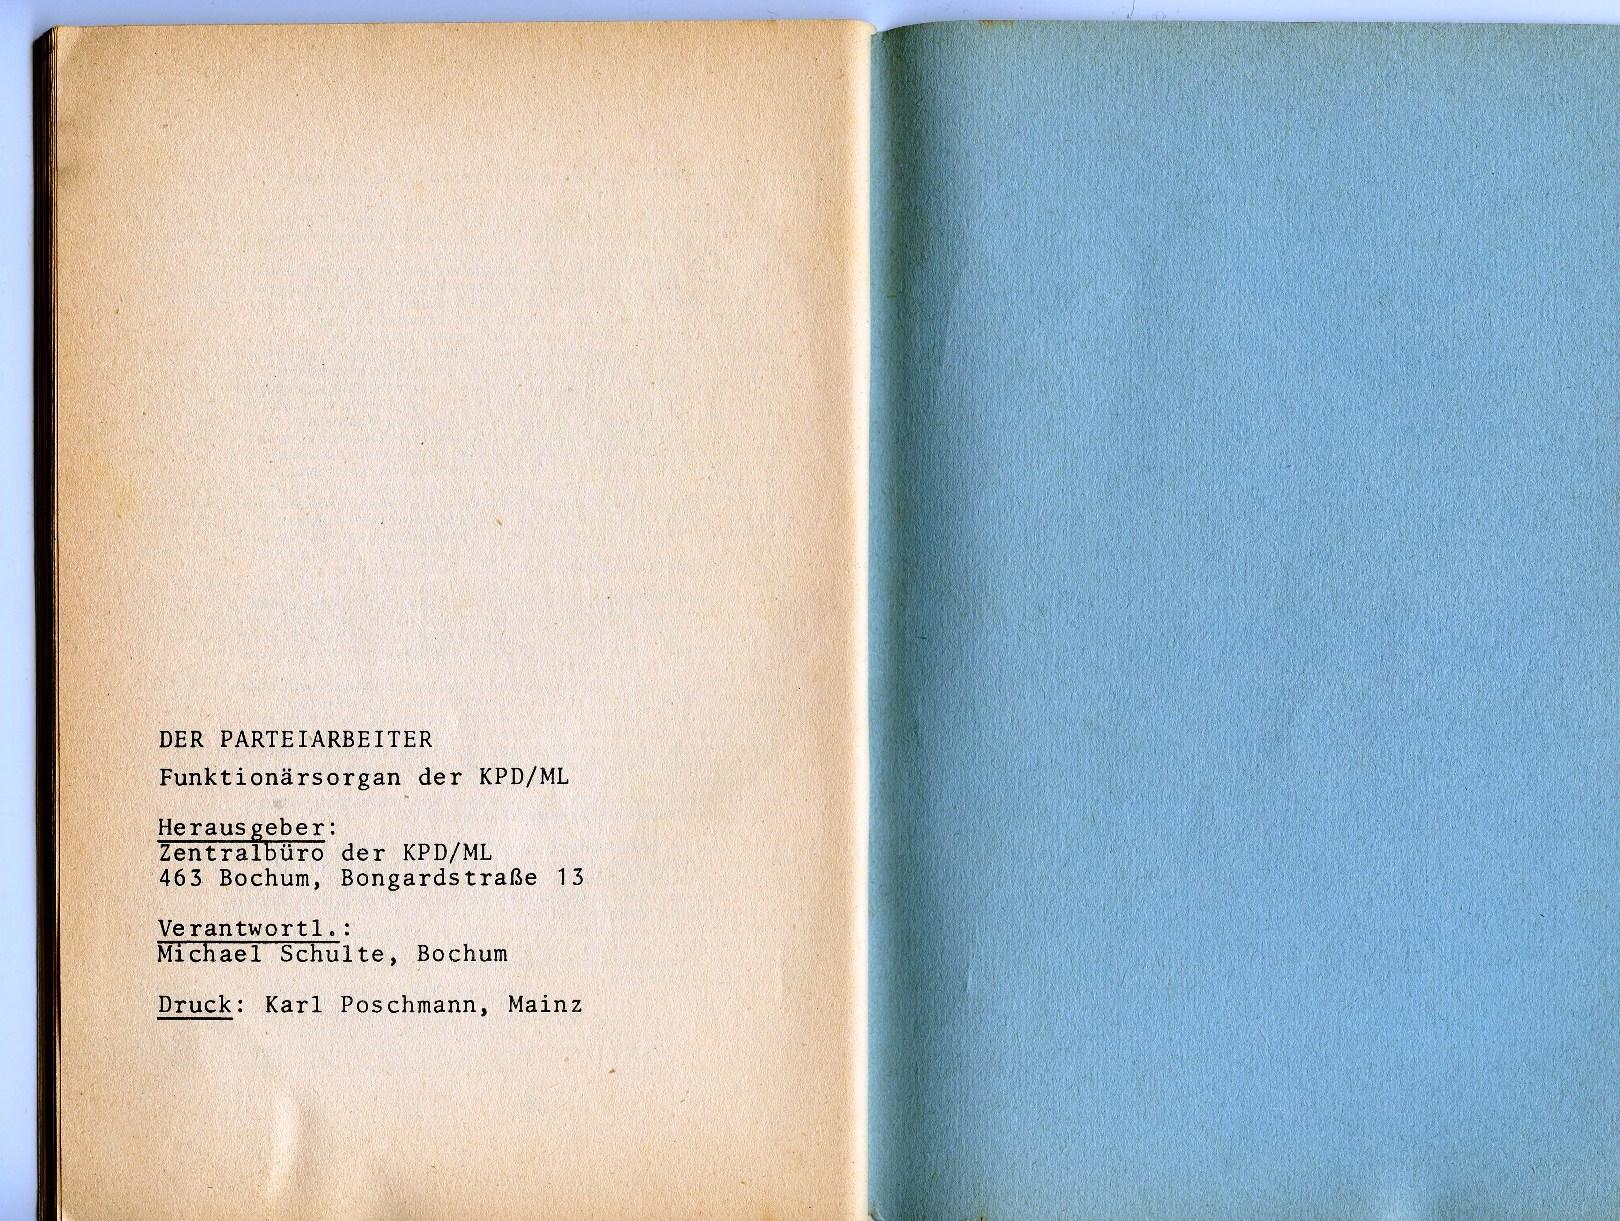 ZB_Parteiarbeiter_1971_Sondernummer_34